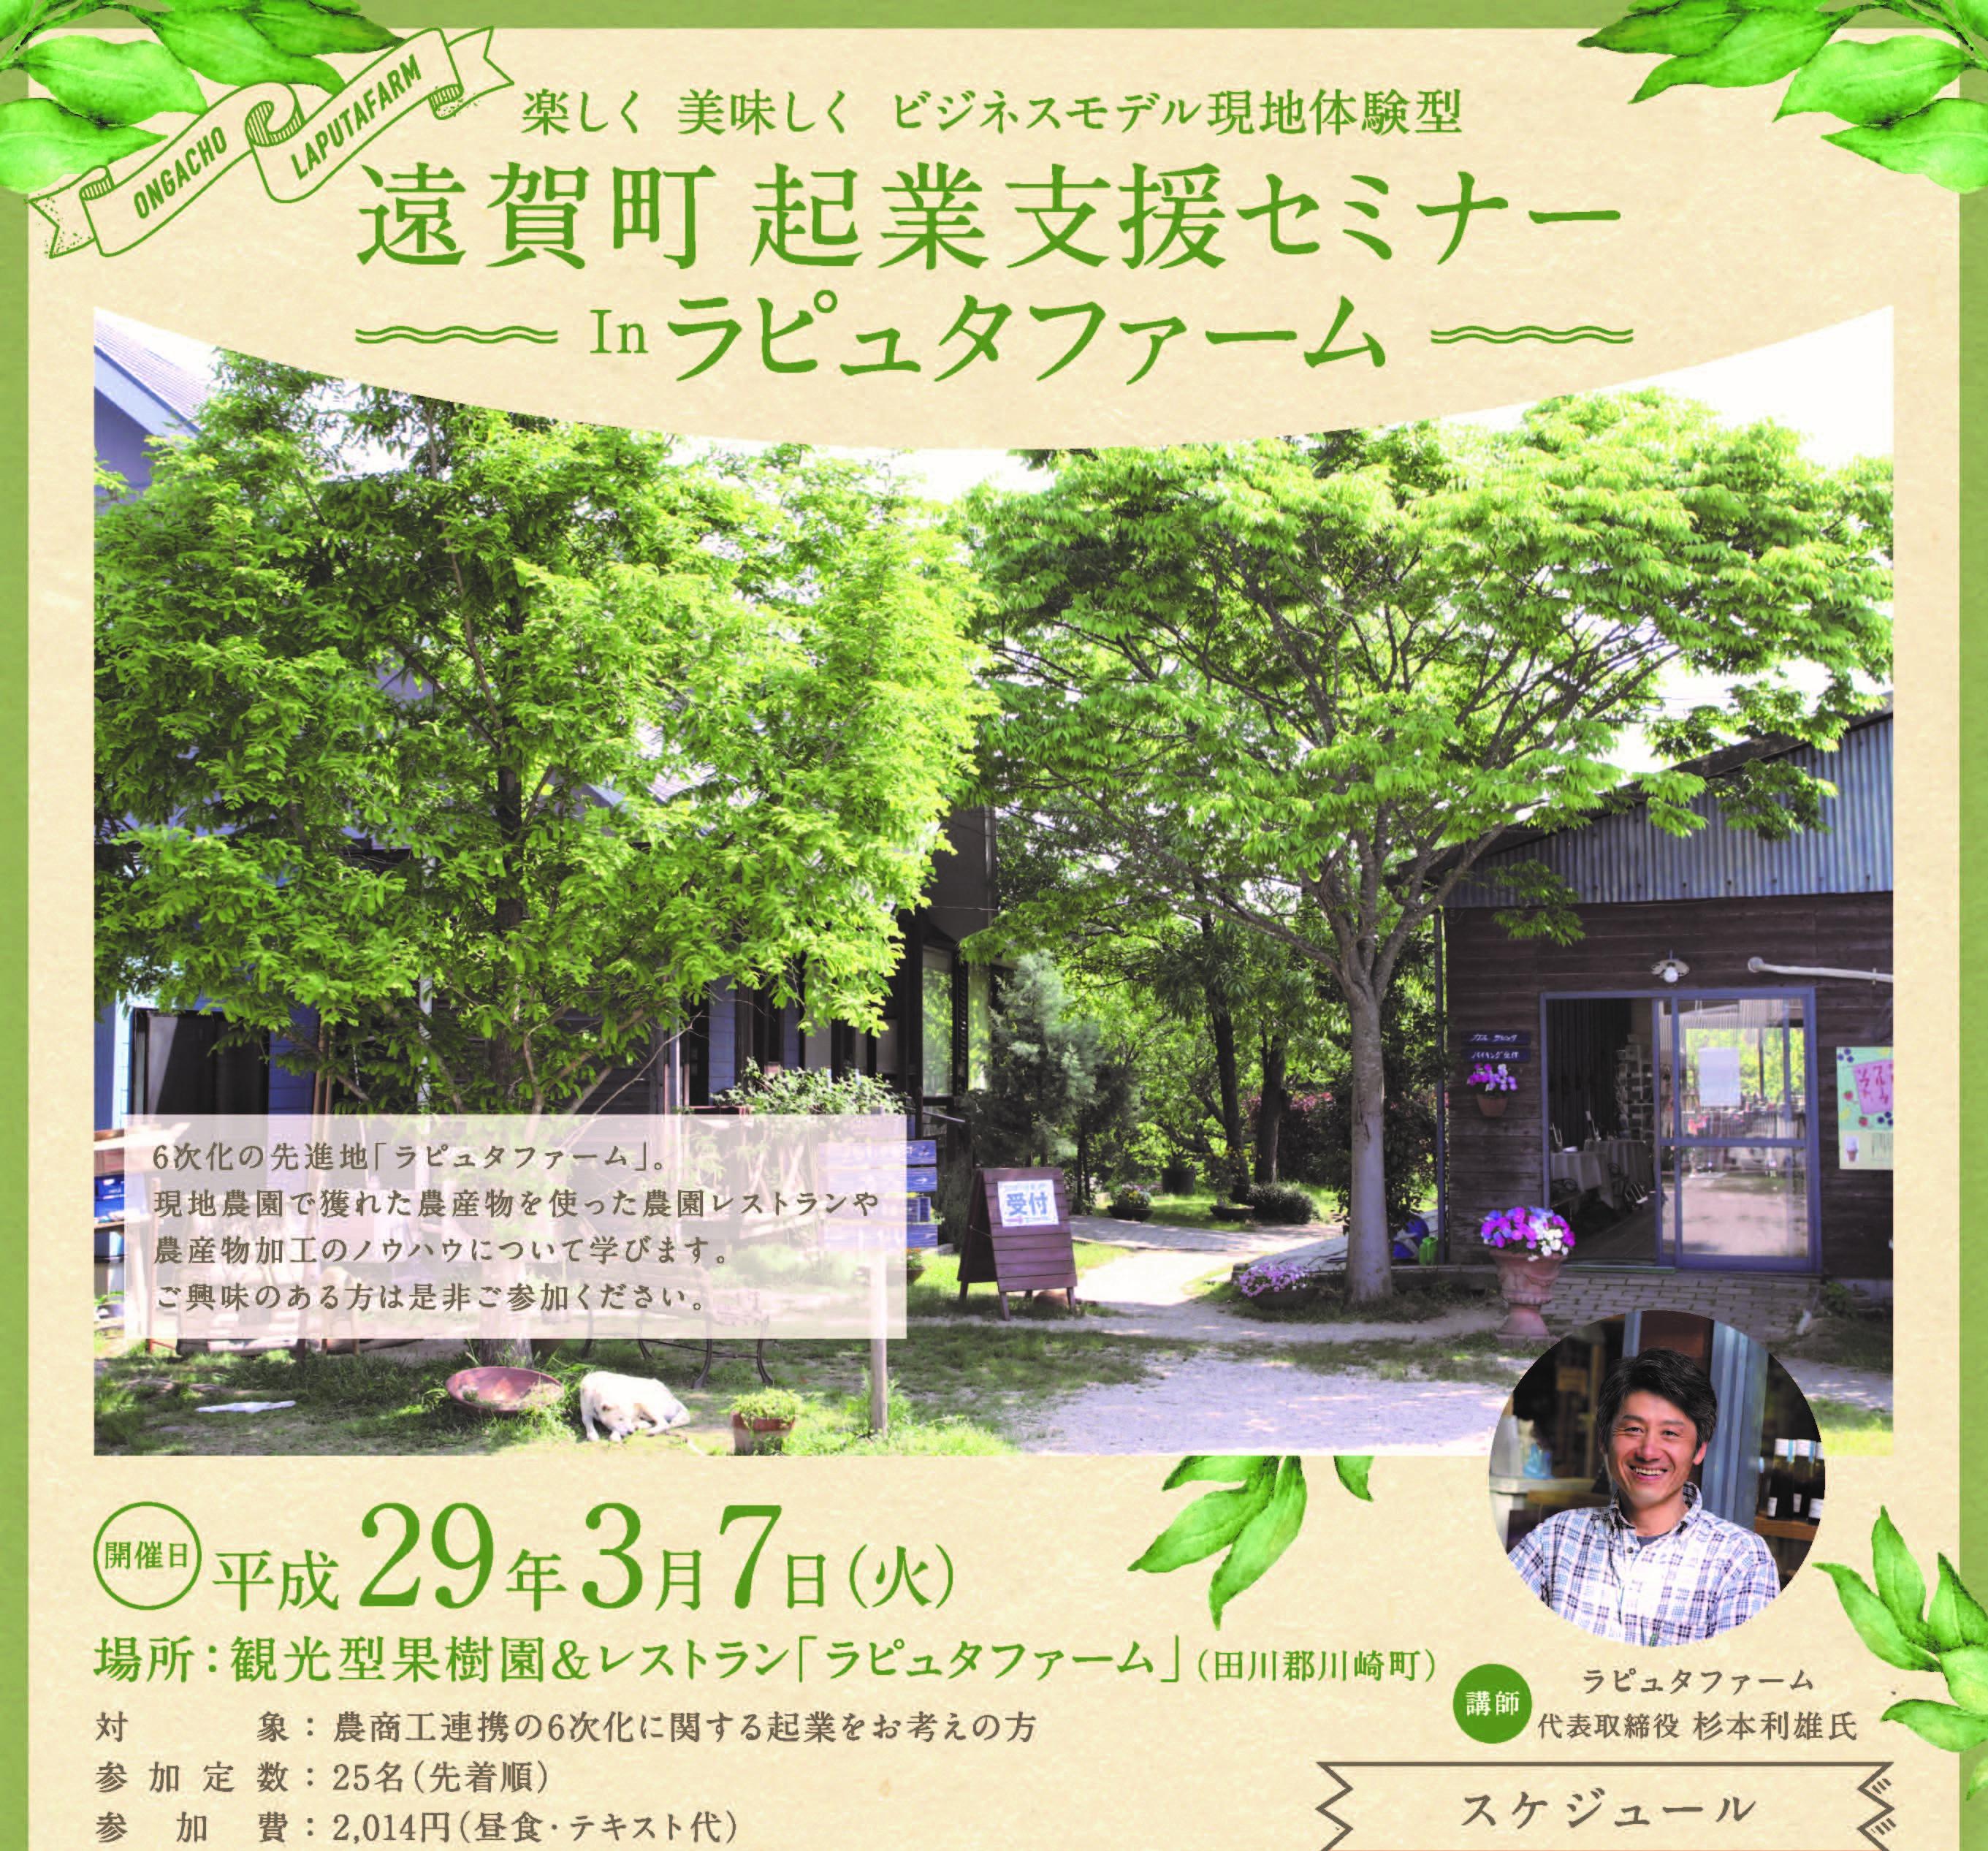 遠賀町起業支援セミナーinラピュタファーム